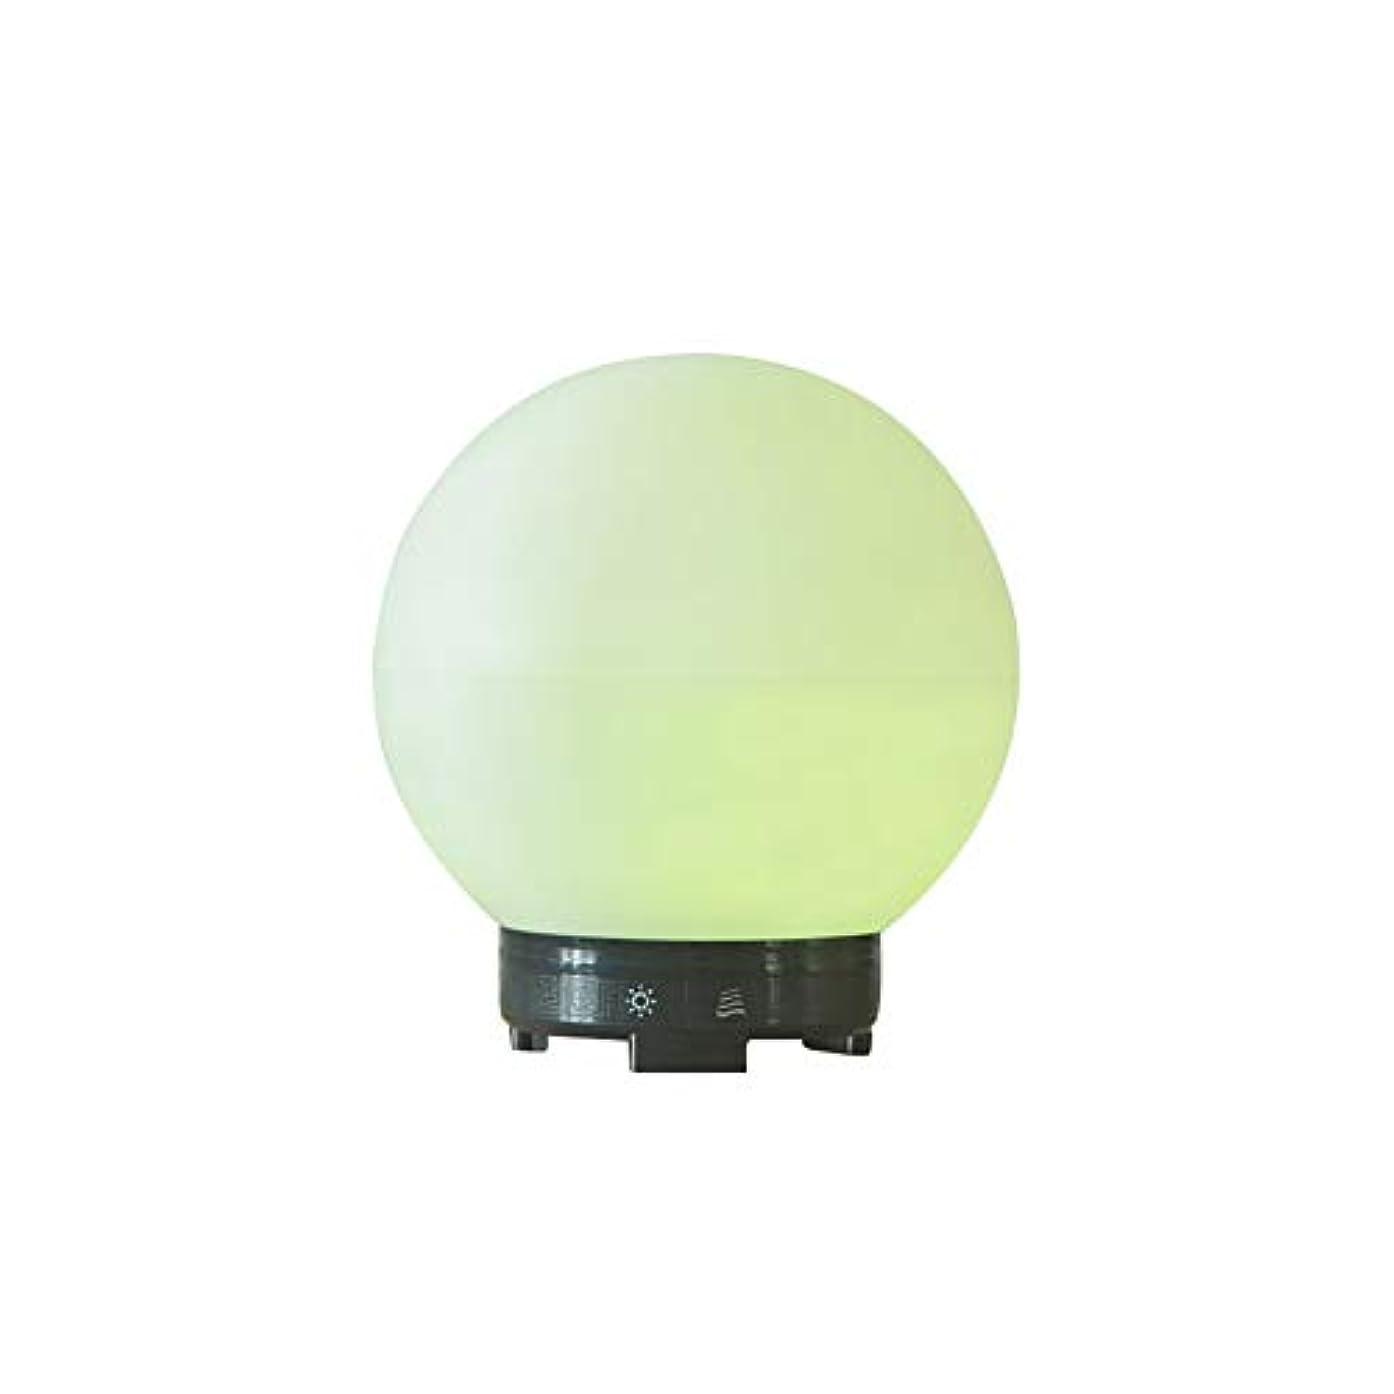 抹消不正直ジャンピングジャックエッセンシャルオイルディフューザーと加湿器、ミストエッセンシャルオイルアロマ加湿器用の超音波アロマディフューザー、7色LEDライト